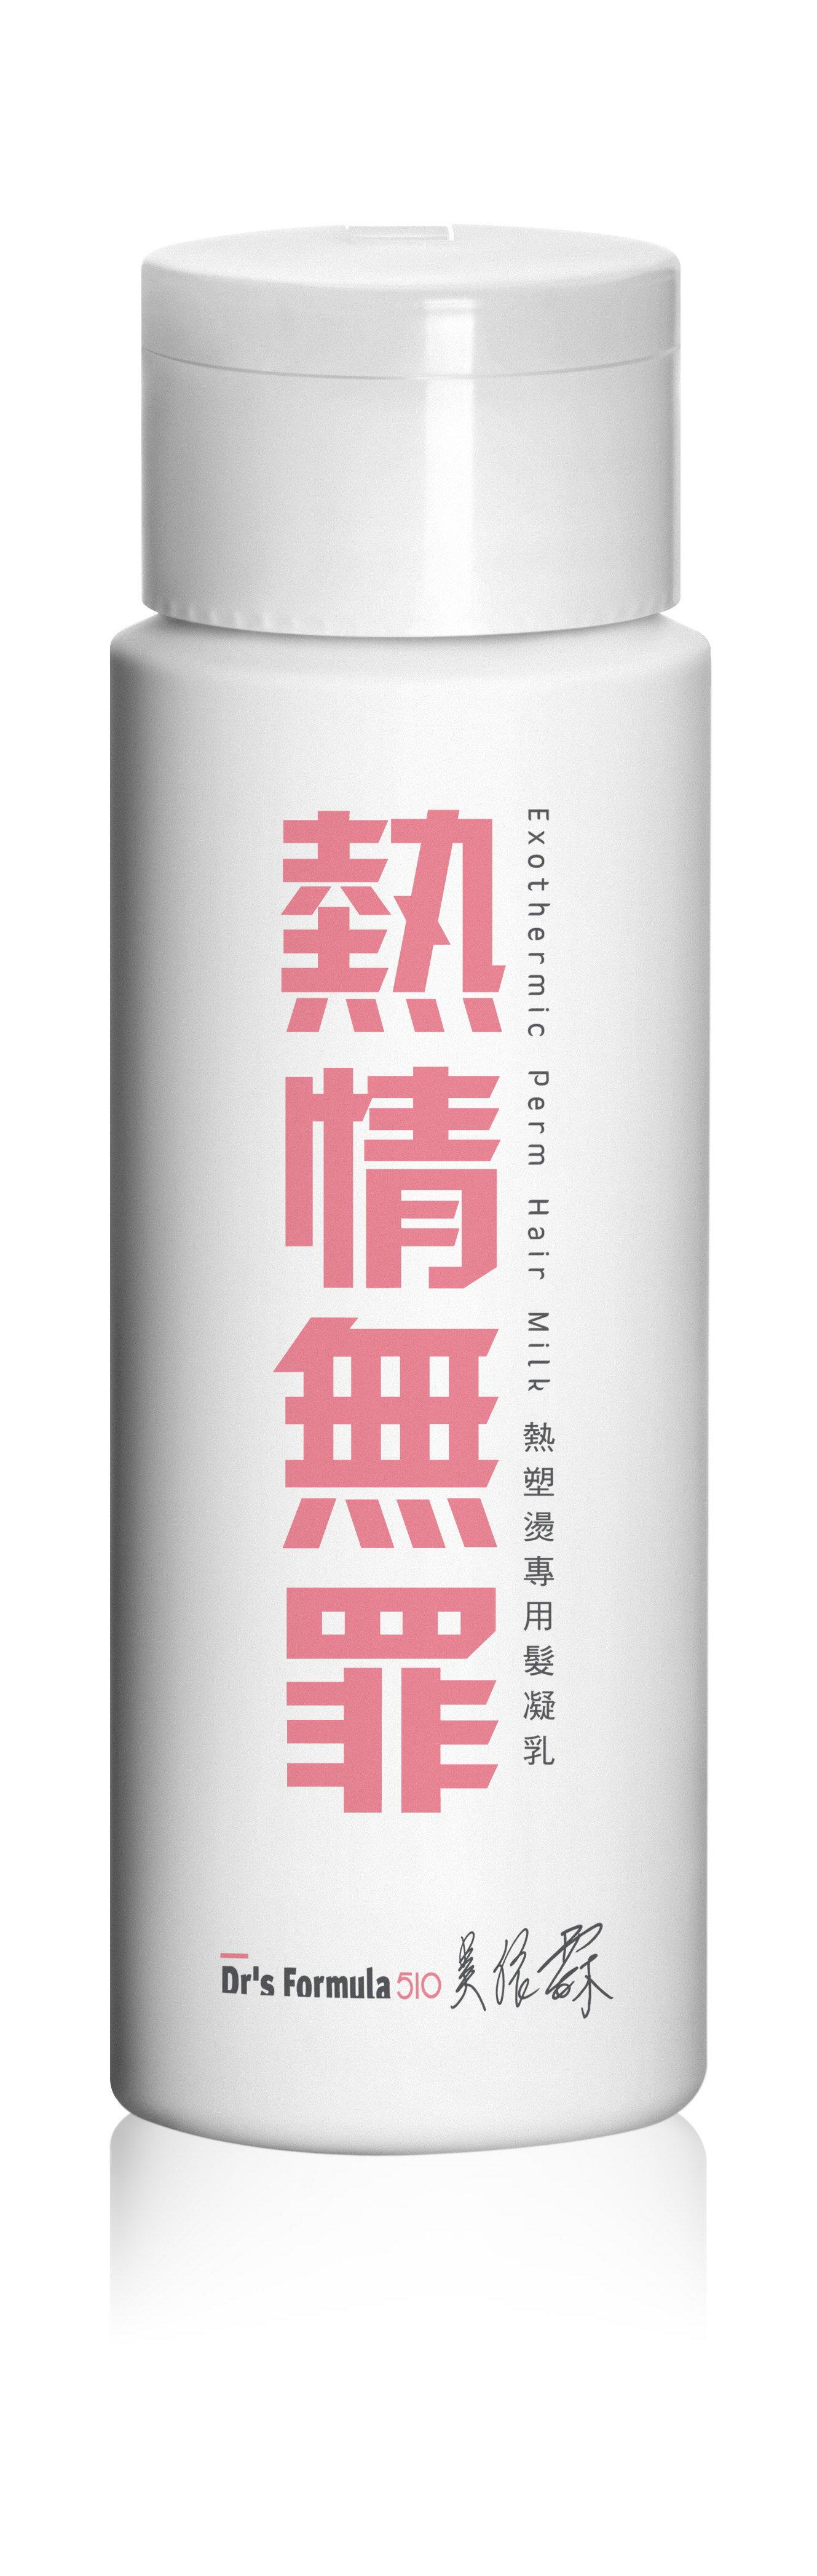 台塑生醫 熱情無罪-熱塑燙專用髮凝乳150g(短期促銷)